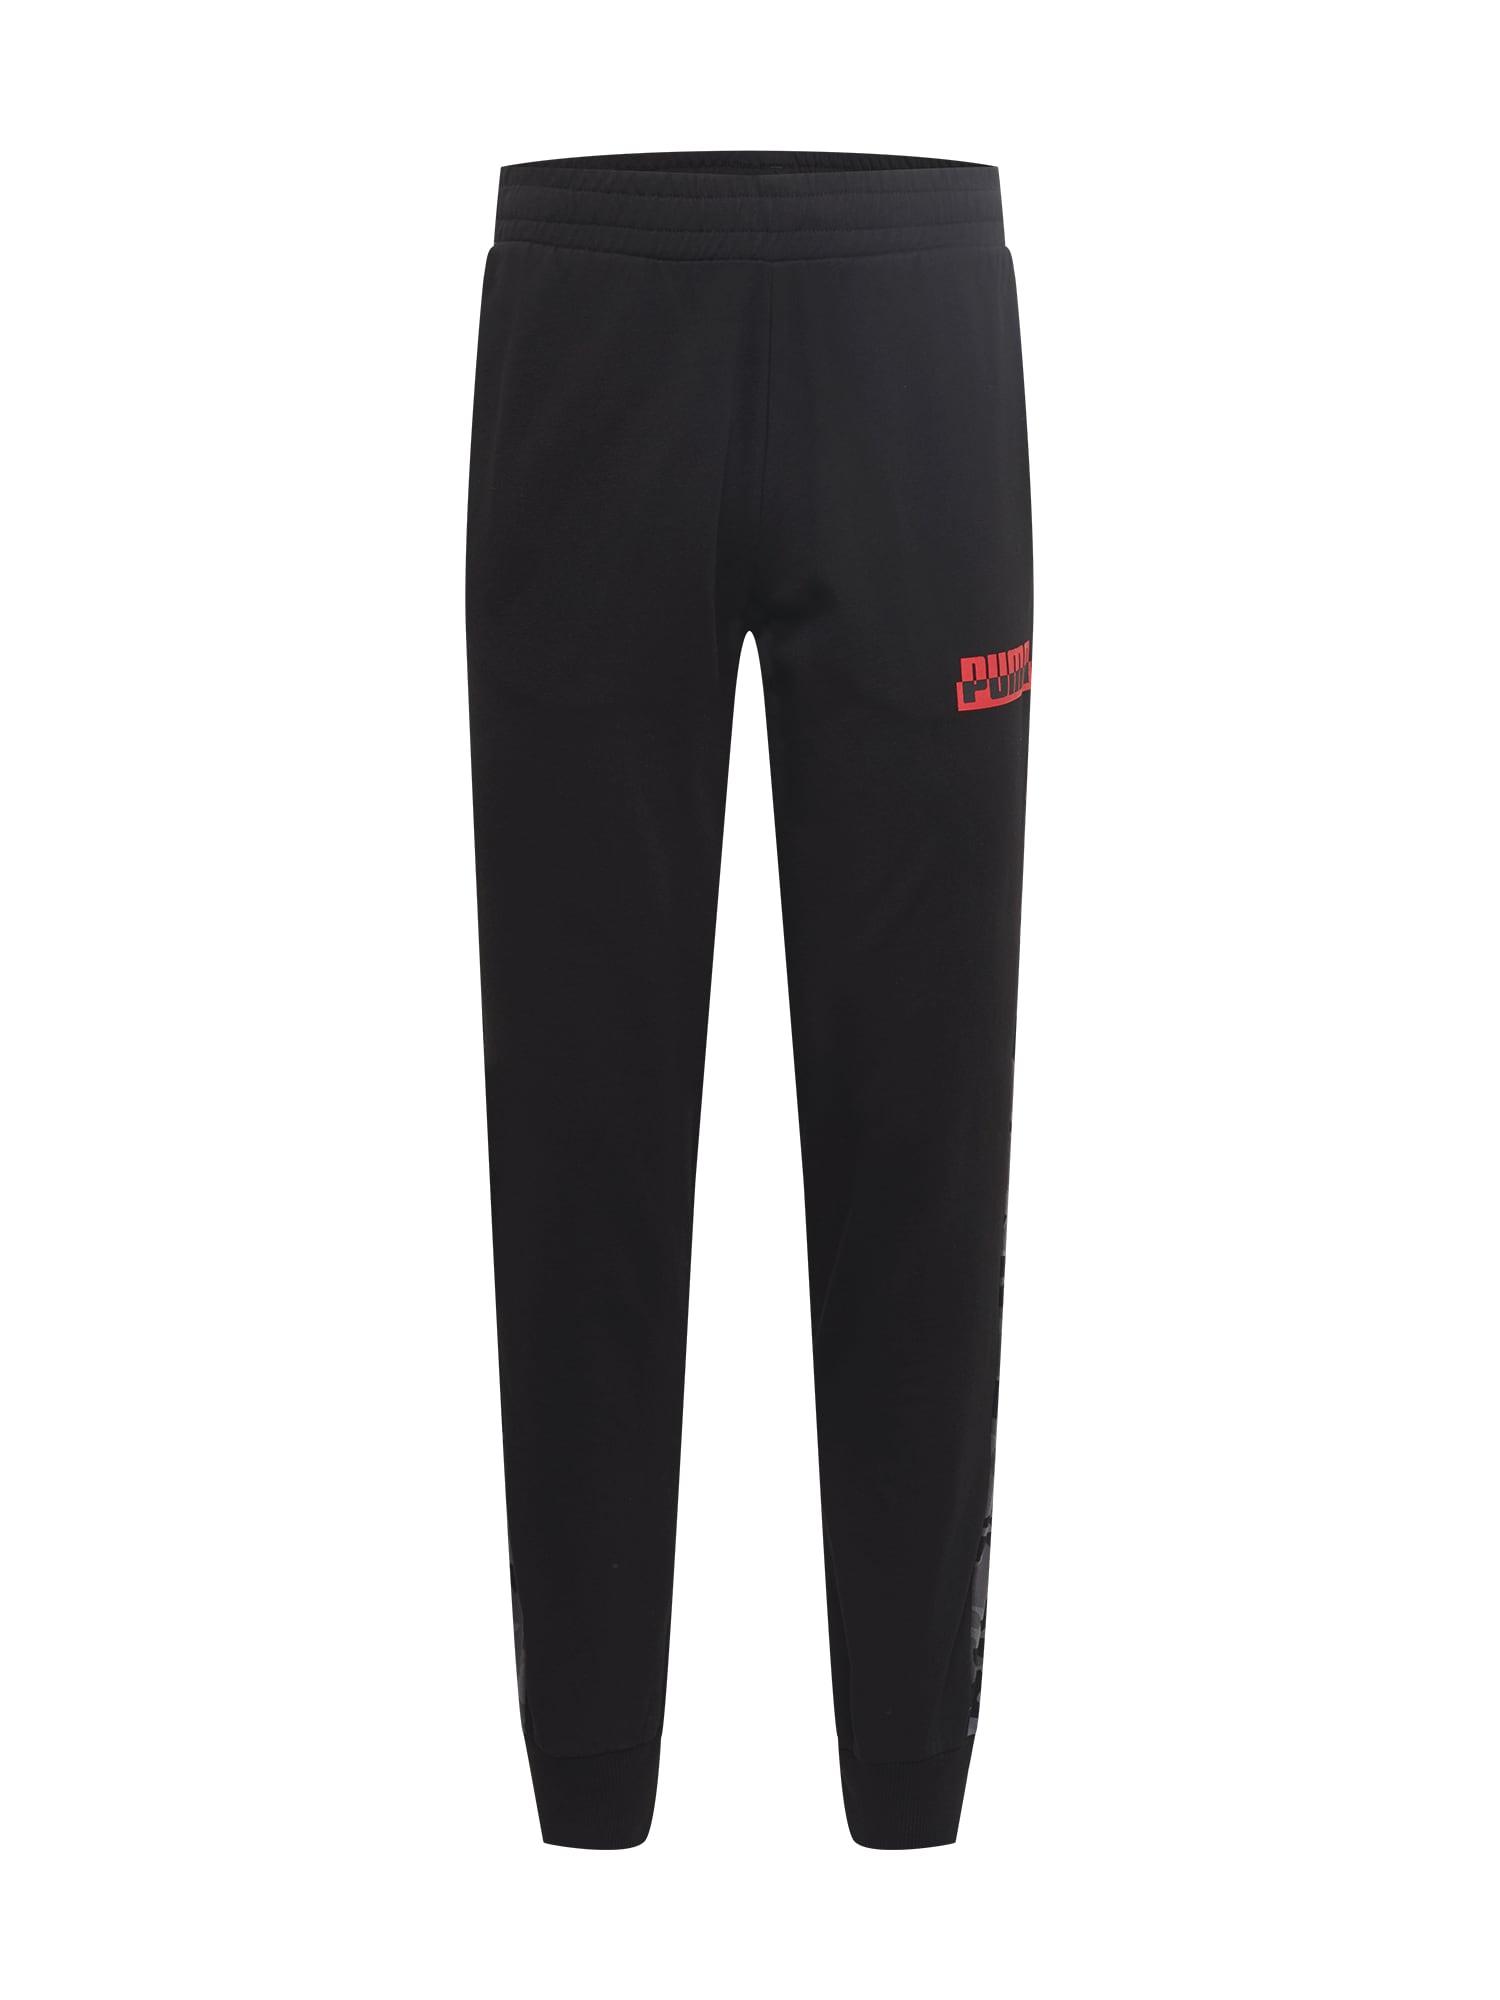 PUMA Sportinės kelnės juoda / raudona / pilka / šviesiai pilka